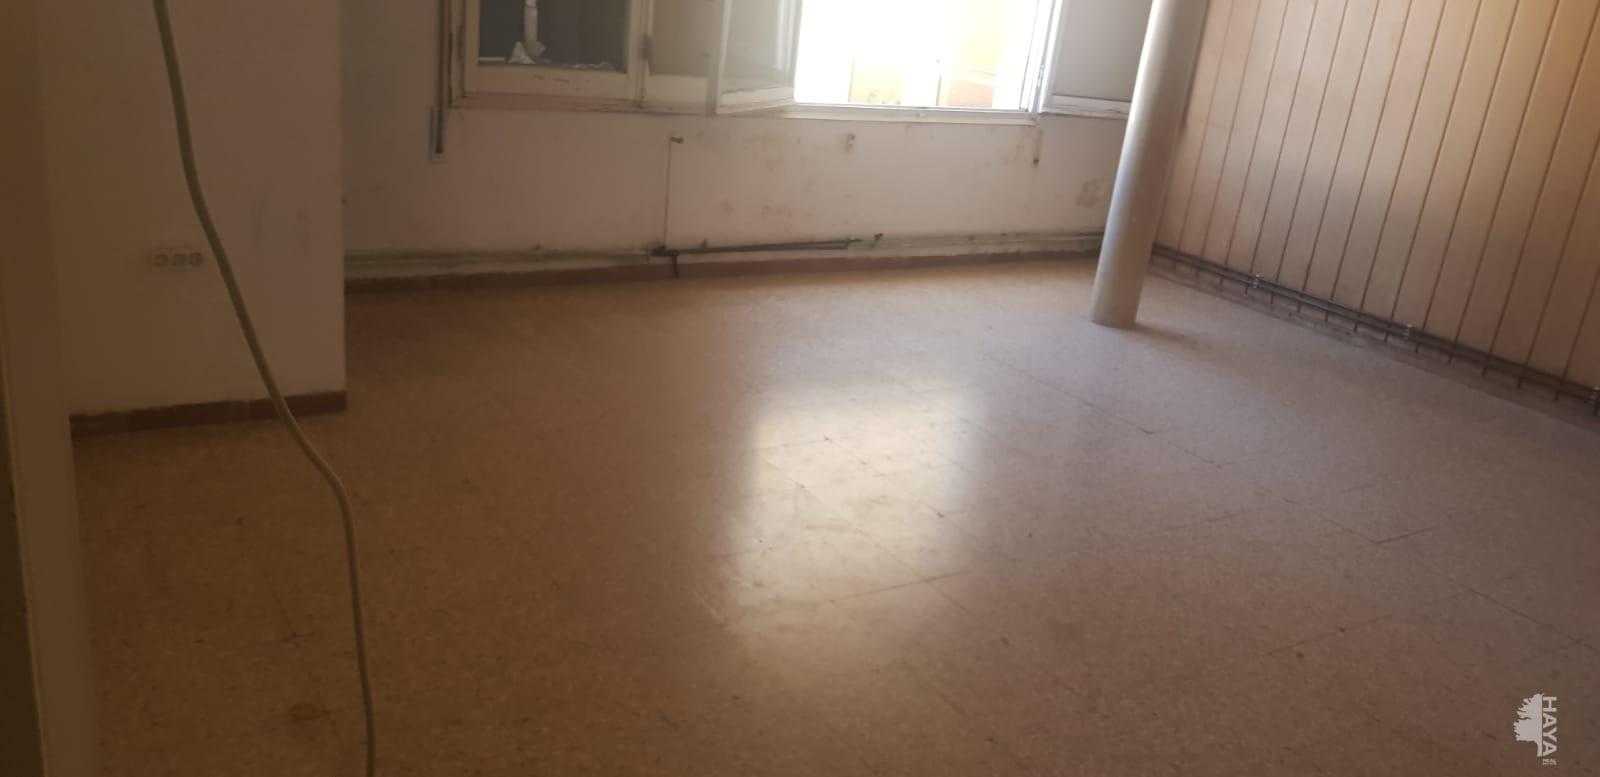 Piso en venta en Banyoles, Banyoles, Girona, Calle Dels Paisos Catalans, 36.278 €, 3 habitaciones, 1 baño, 87 m2